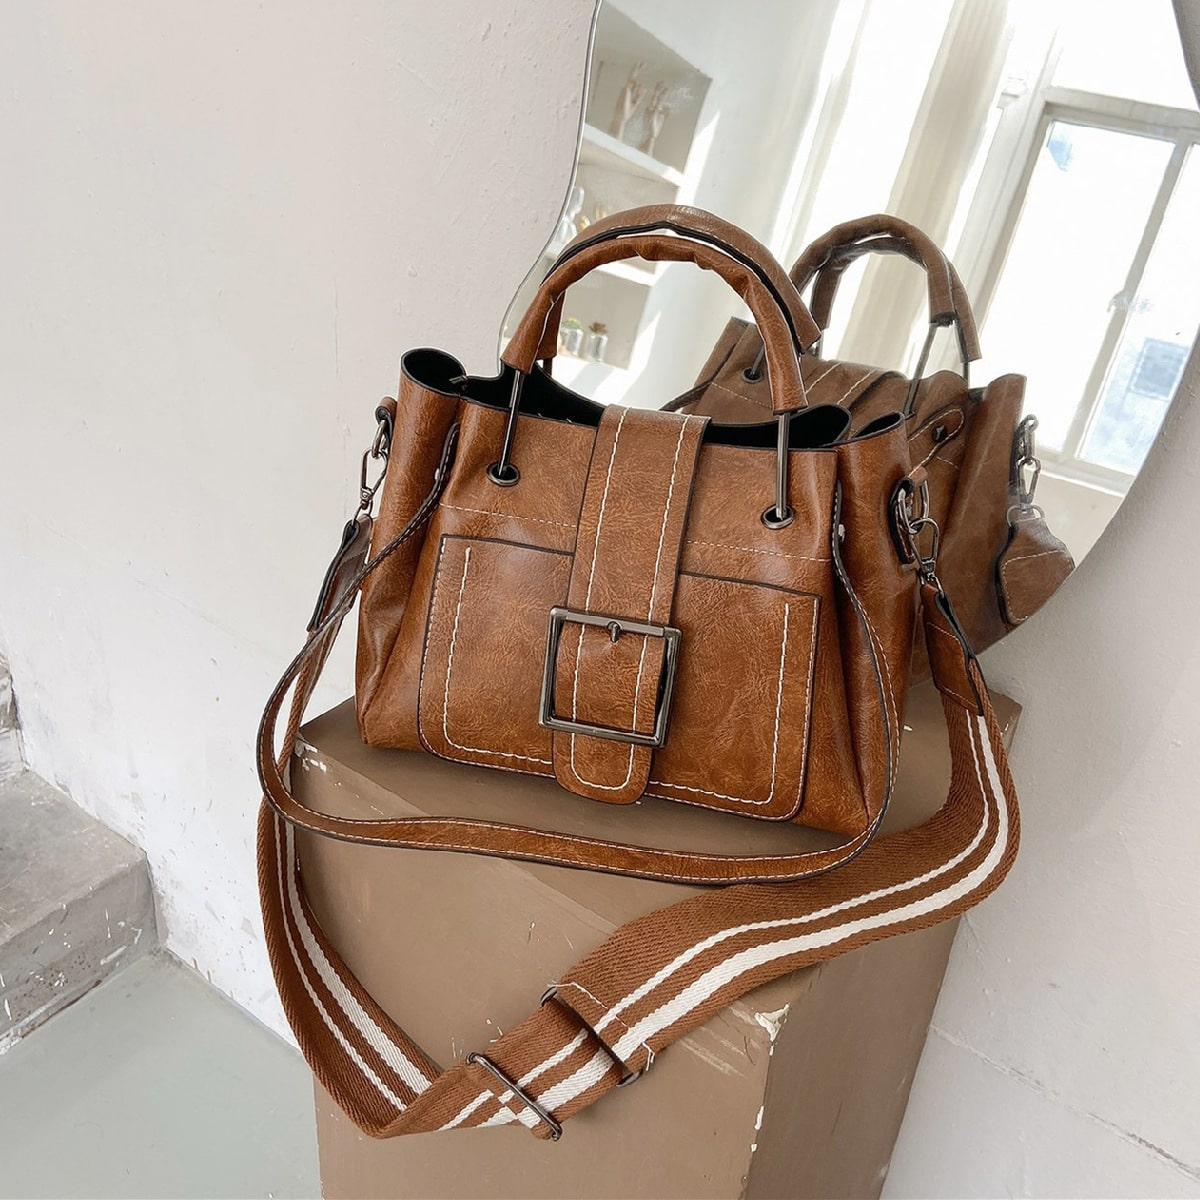 Vintage Design Tote Bag